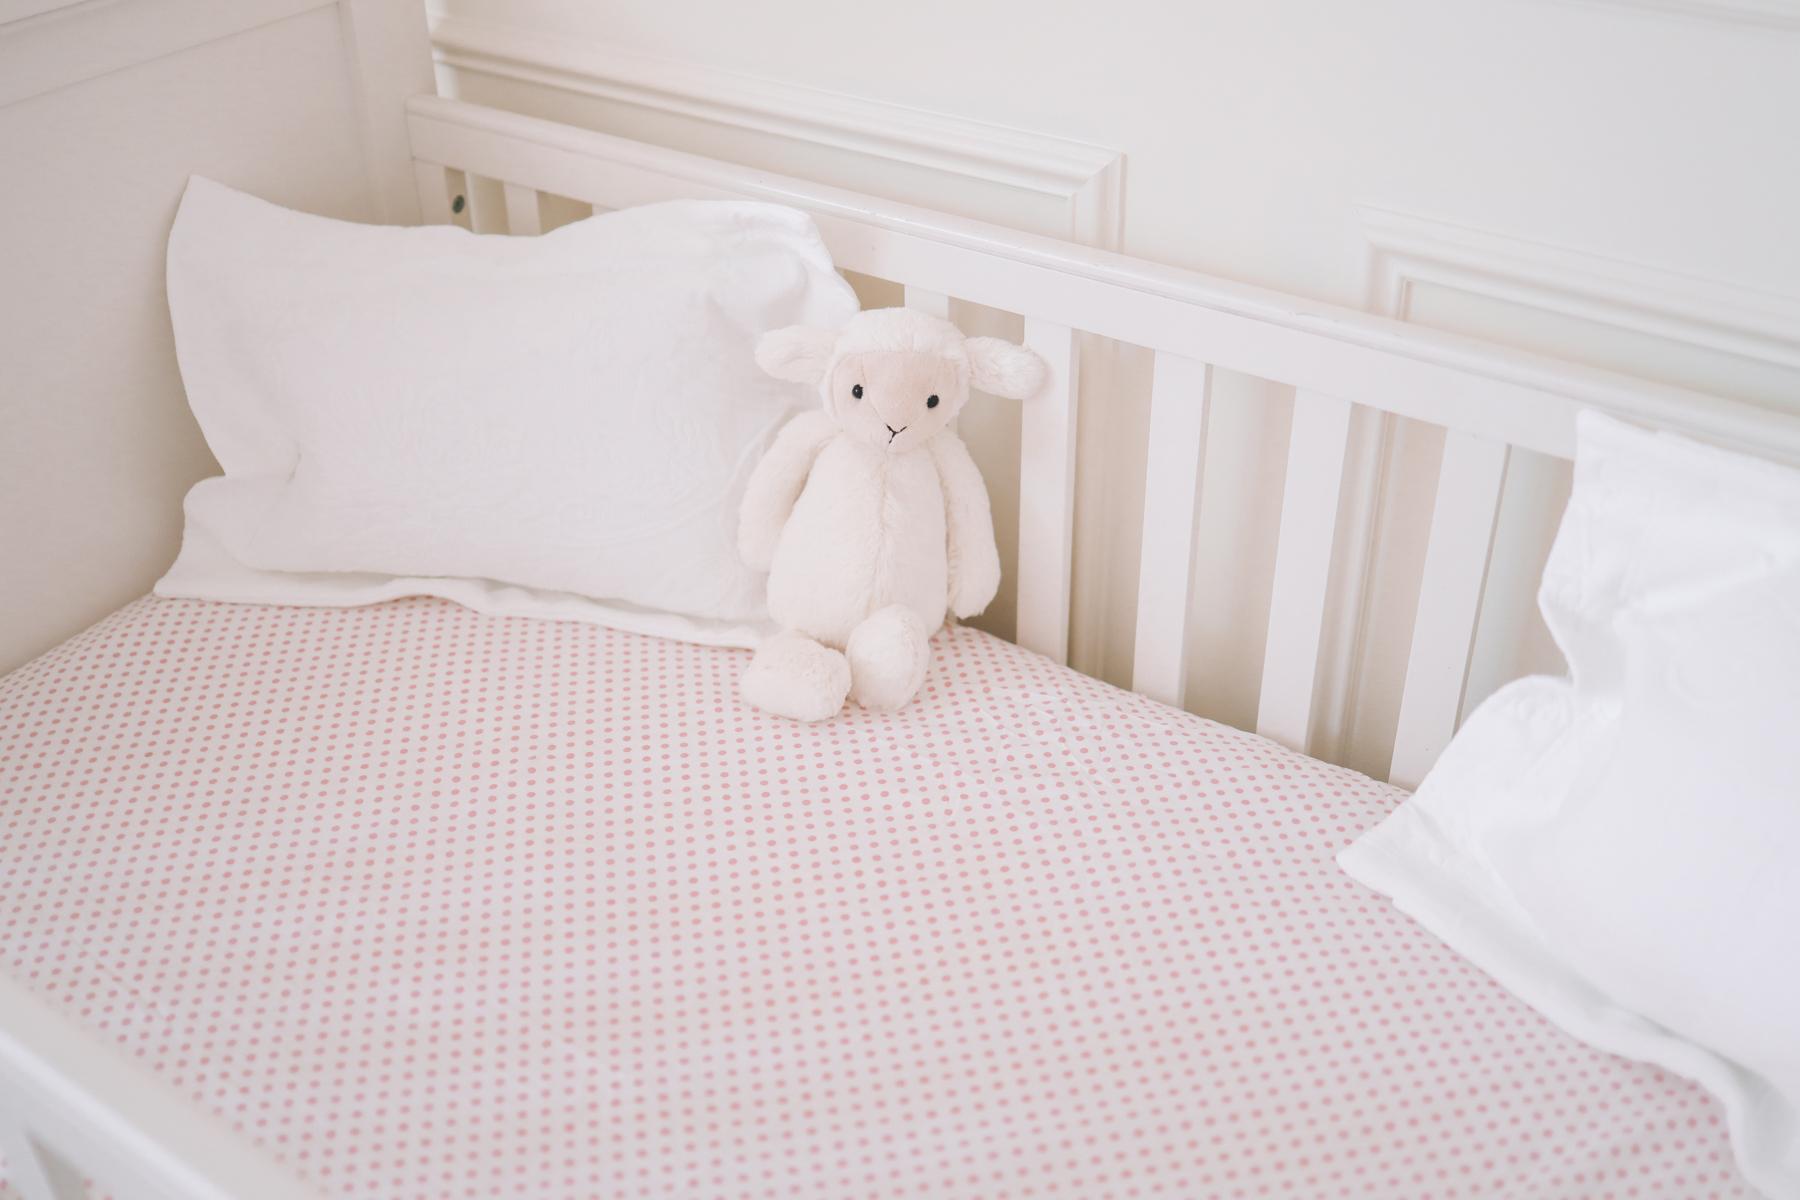 Preppy Girls Room - A monkey stuffed animal in a baby crib